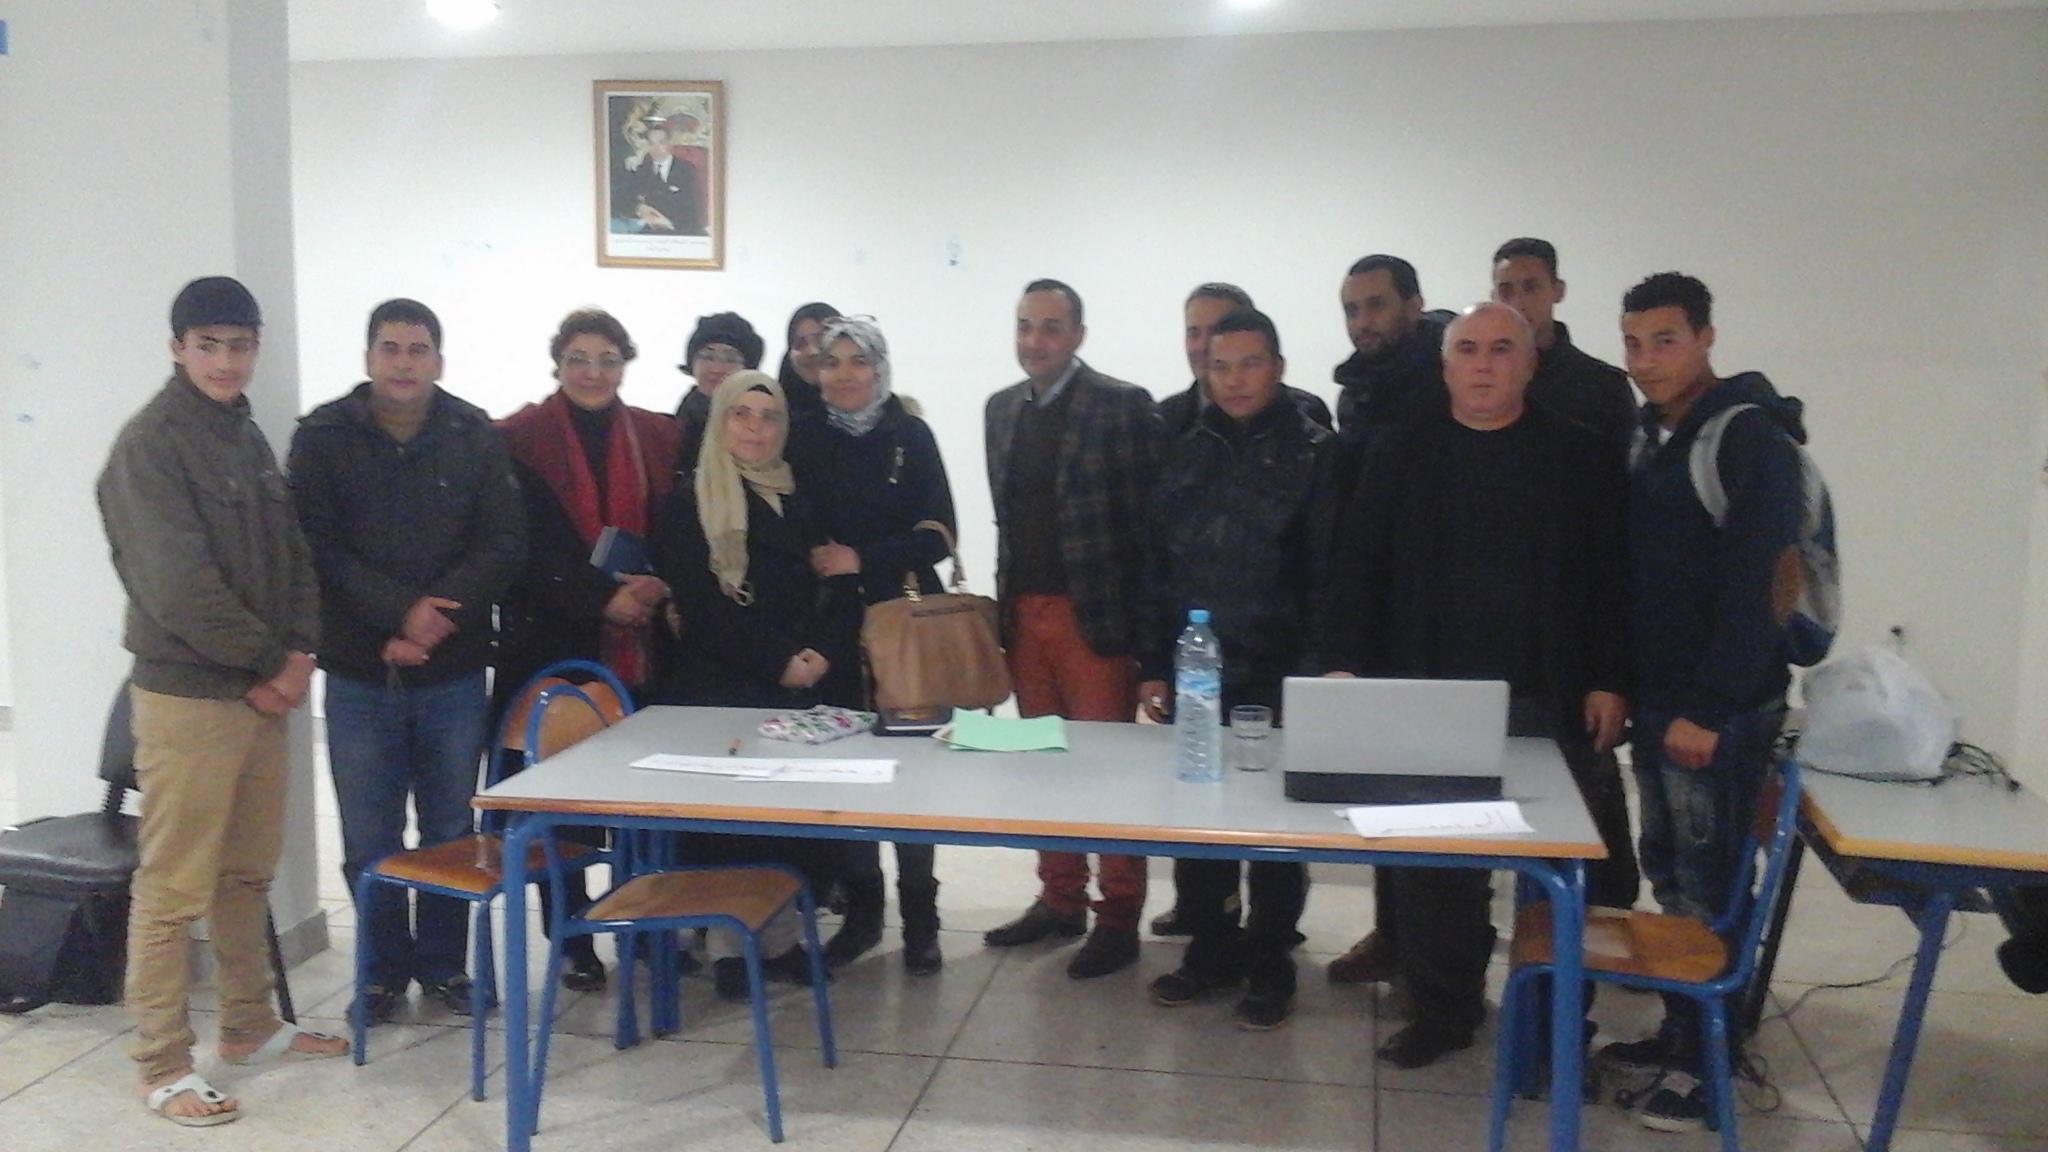 القاص محمد الجباري في ضيافة نادي التربية على القيم والسلوك المدني بثانوية أولاد أوشيح